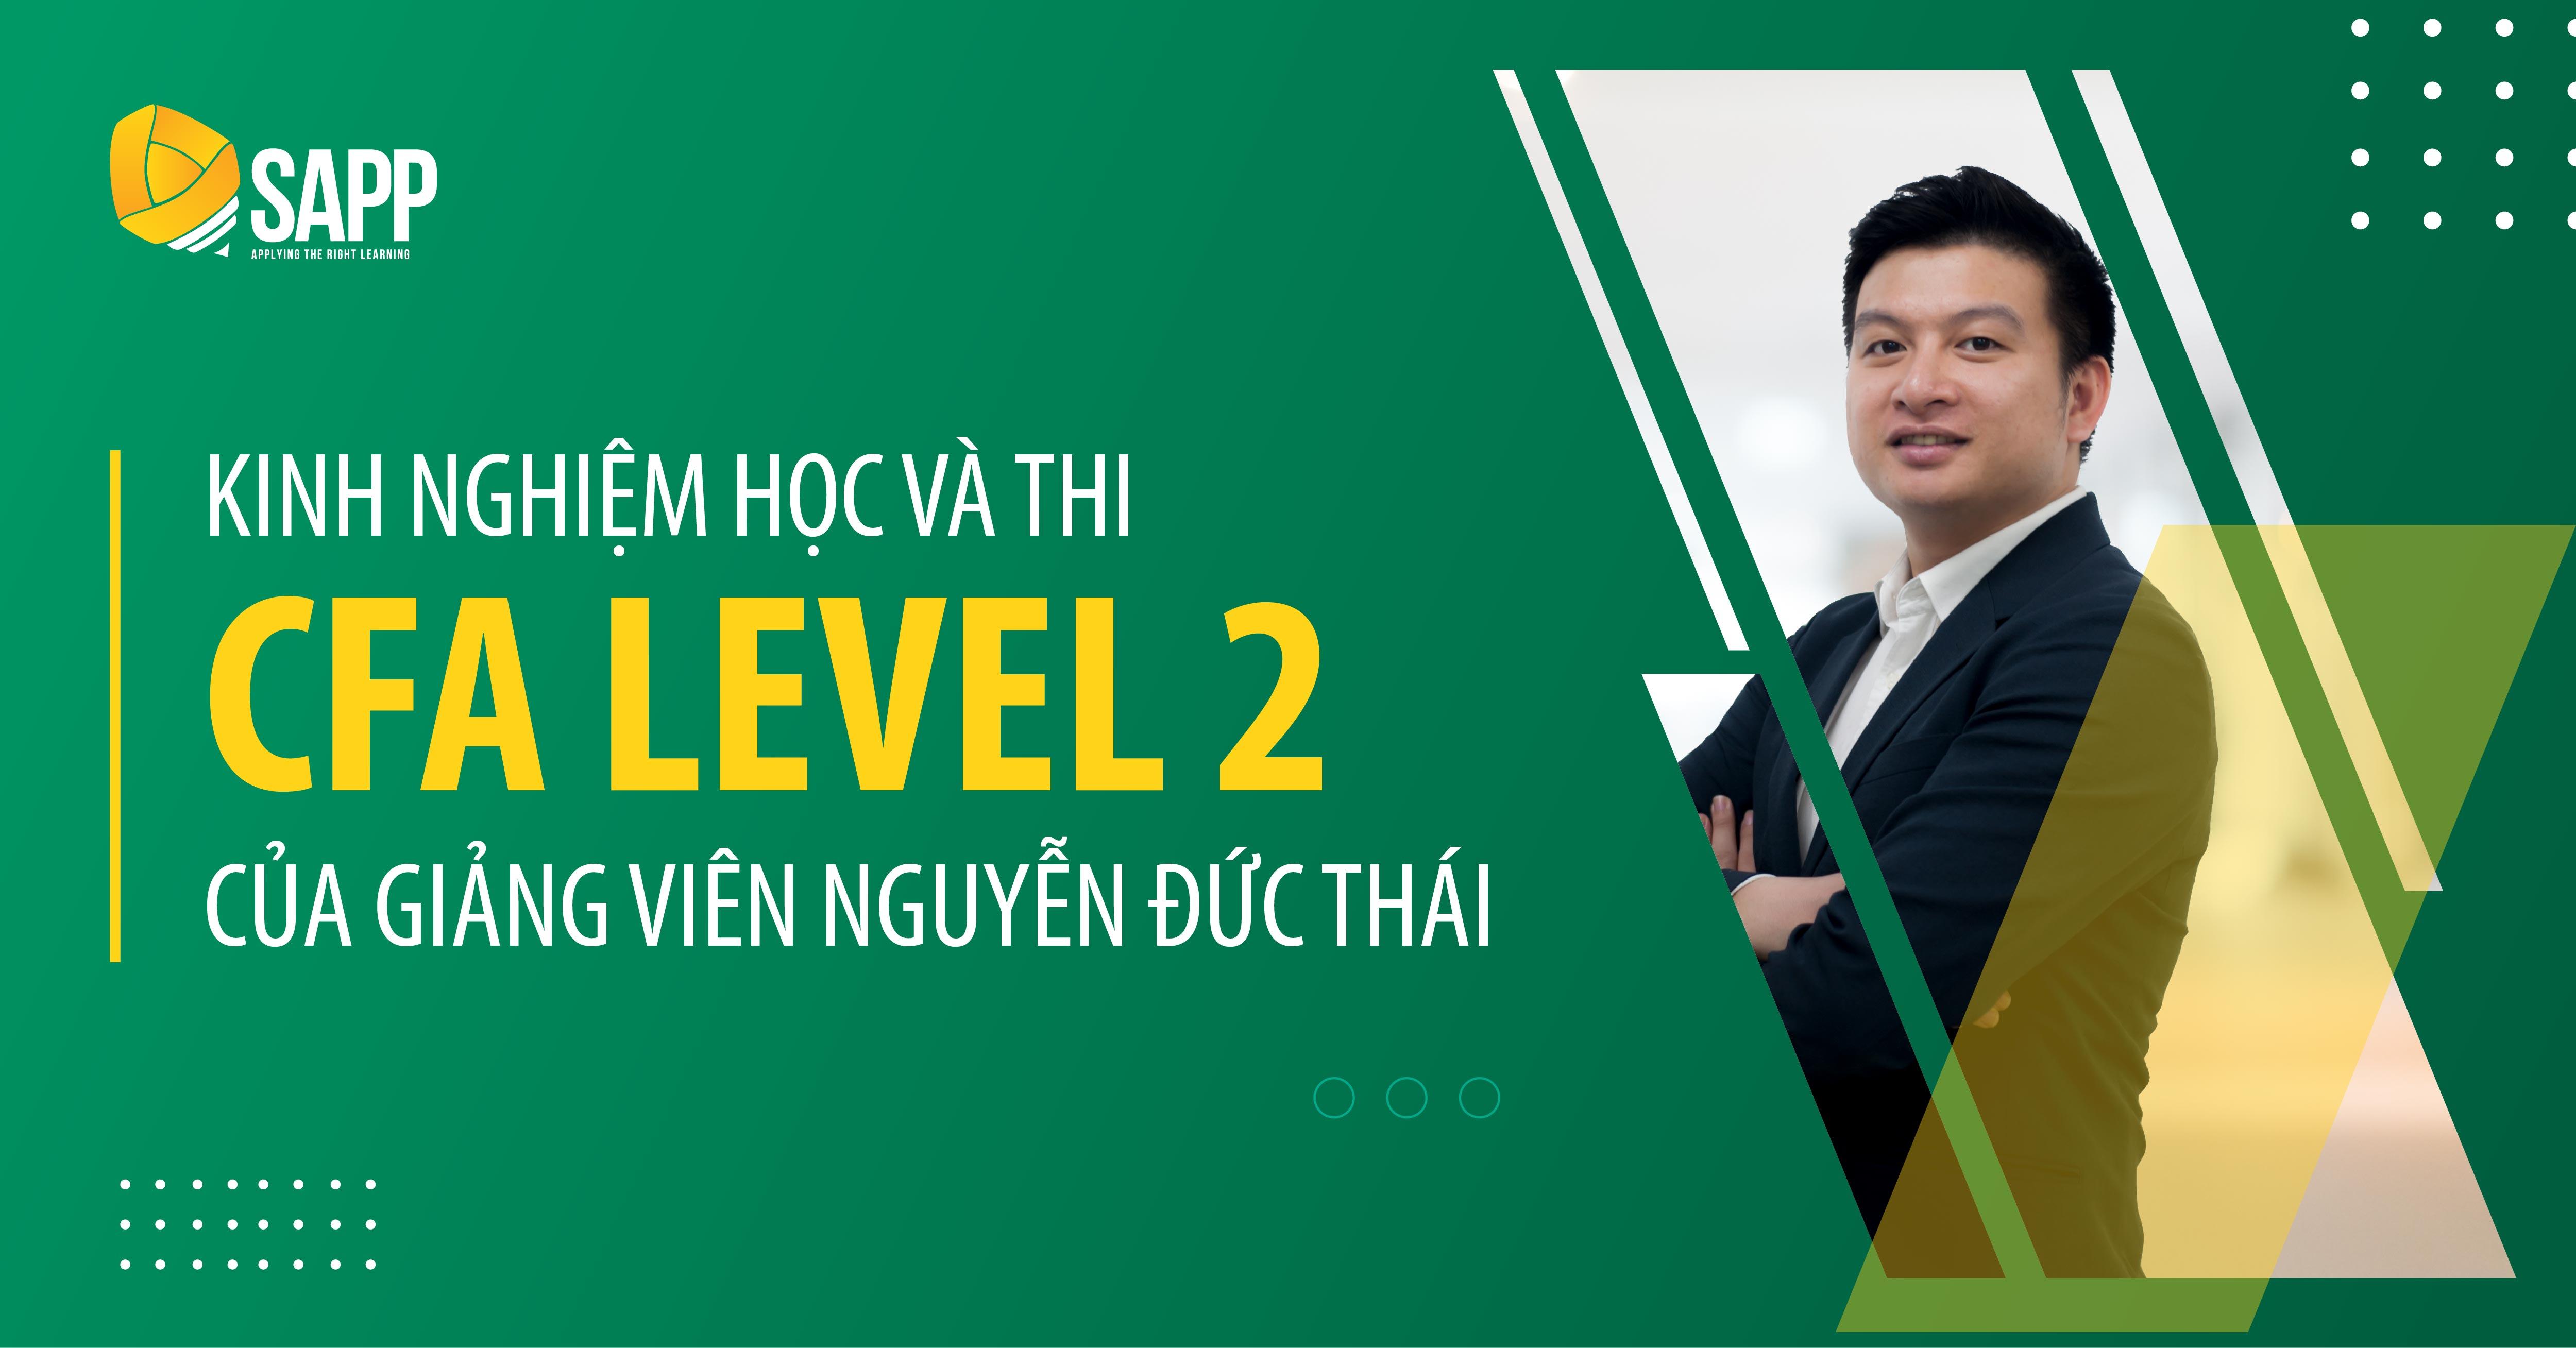 Bật Mí Kinh Nghiệm Chinh Phục CFA Level 2 Ngay Lần Thi Đầu Tiên Từ Giảng Viên Nguyễn Đức Thái